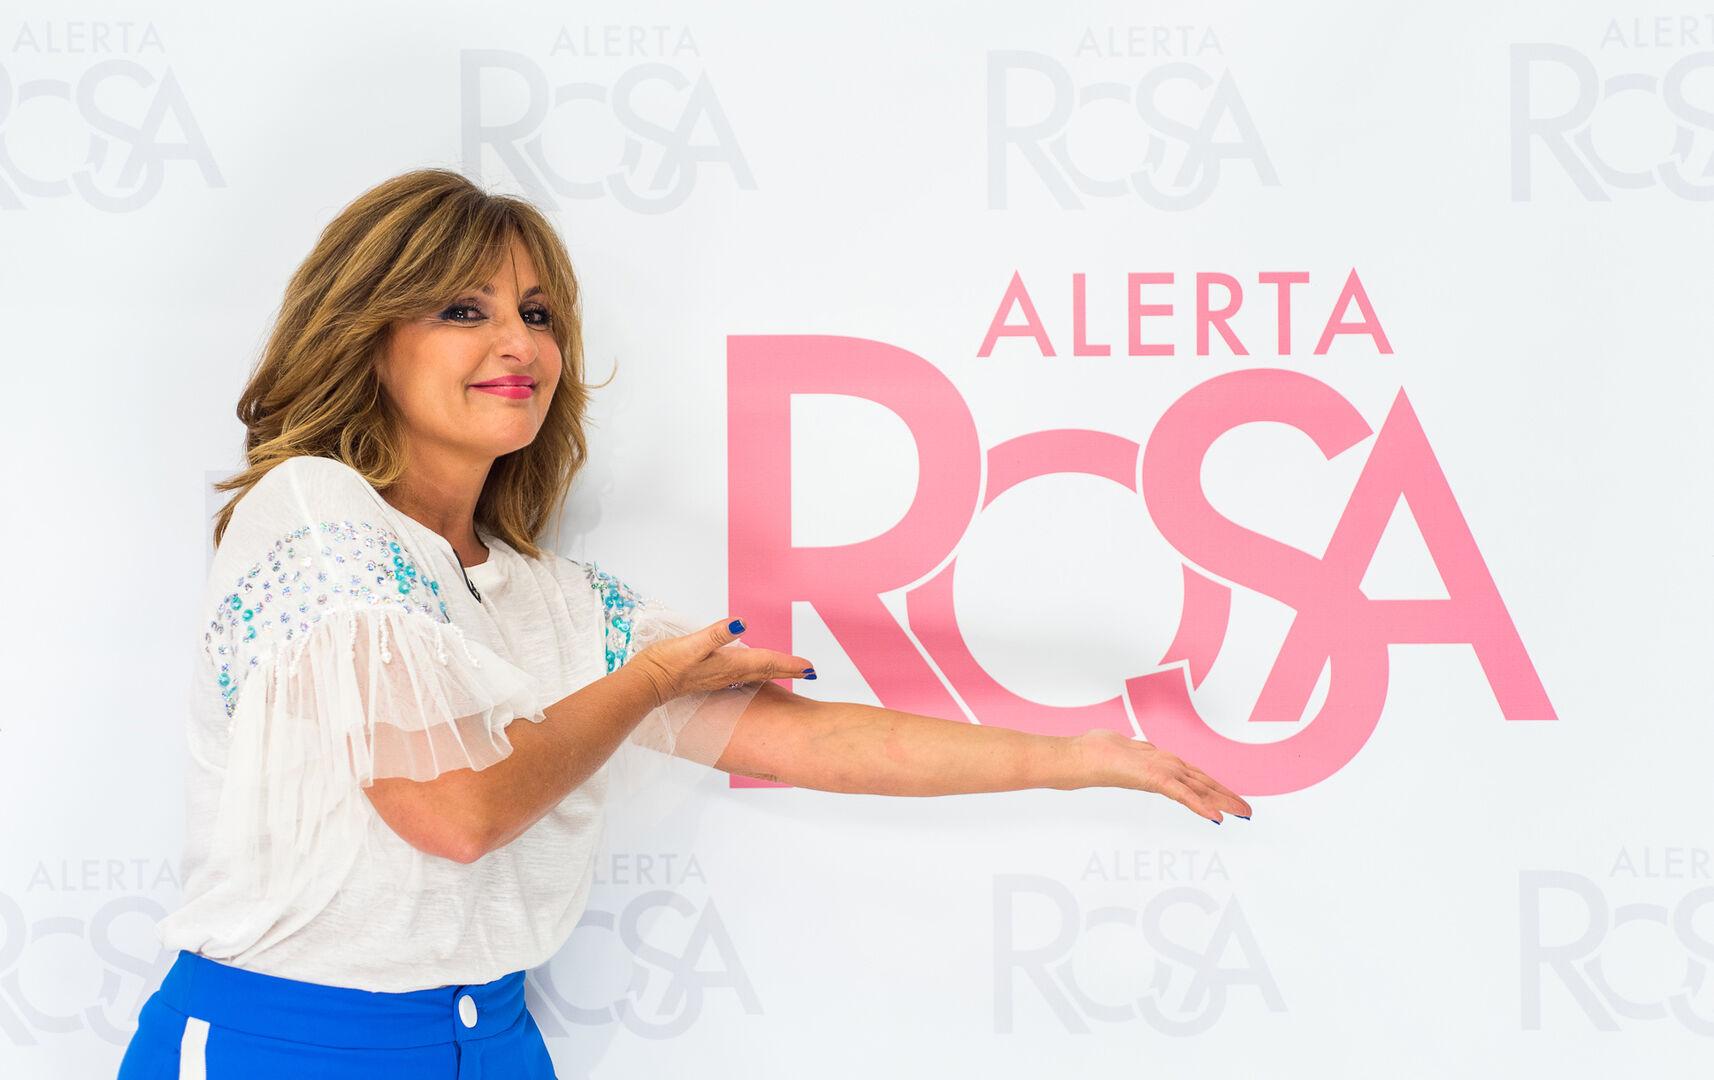 Beatriz Cortázar se incorpora a Libertad Digital con el videoblog Alerta Rosa